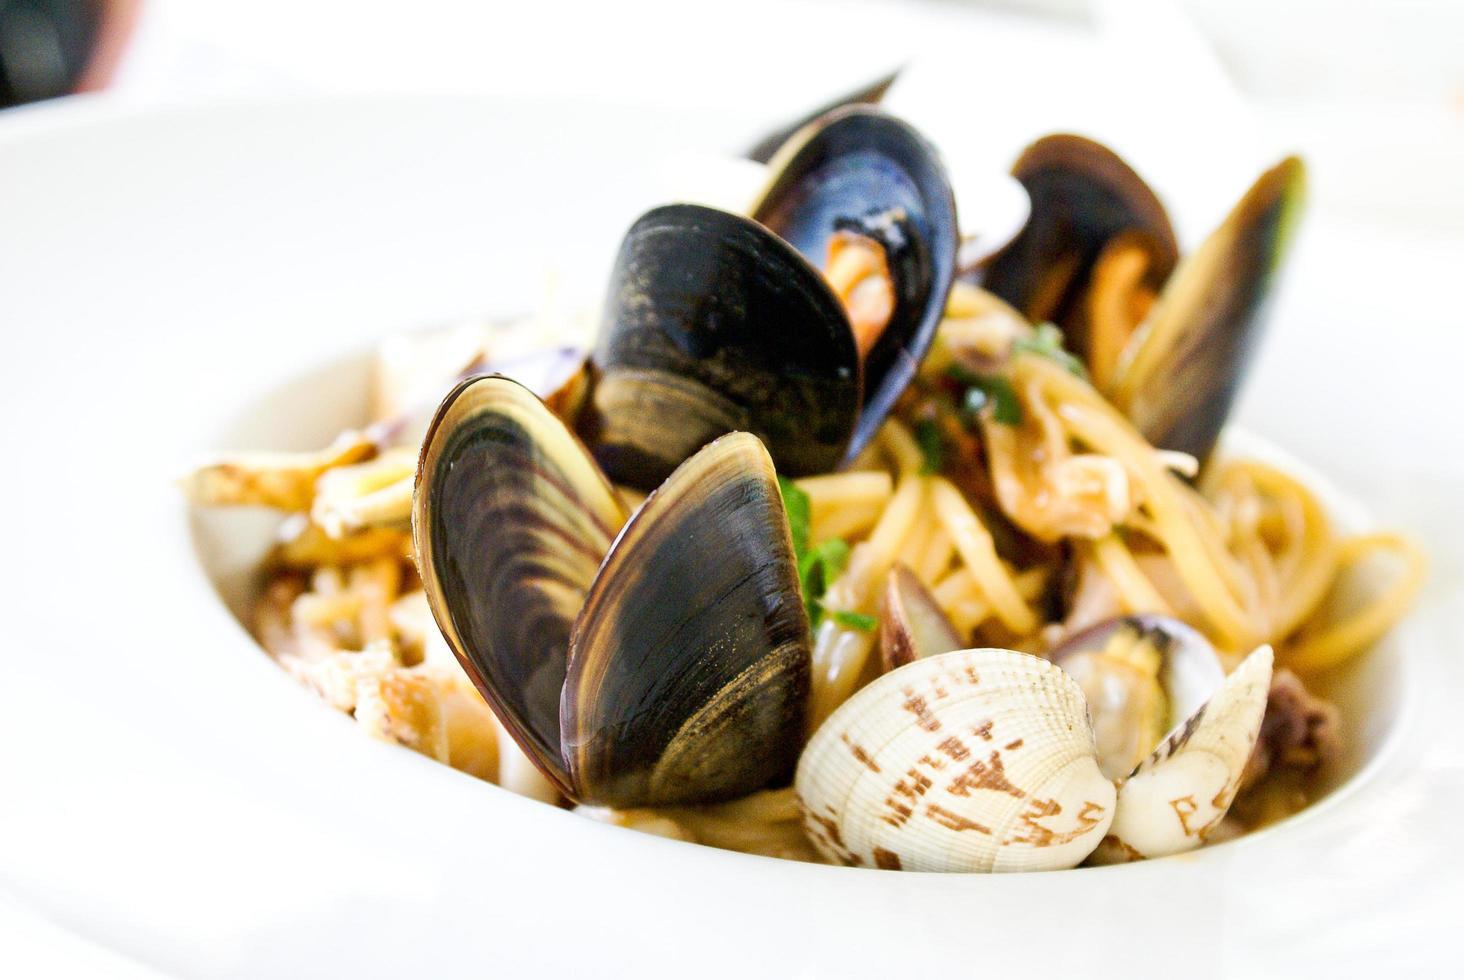 närbild av mussla foto